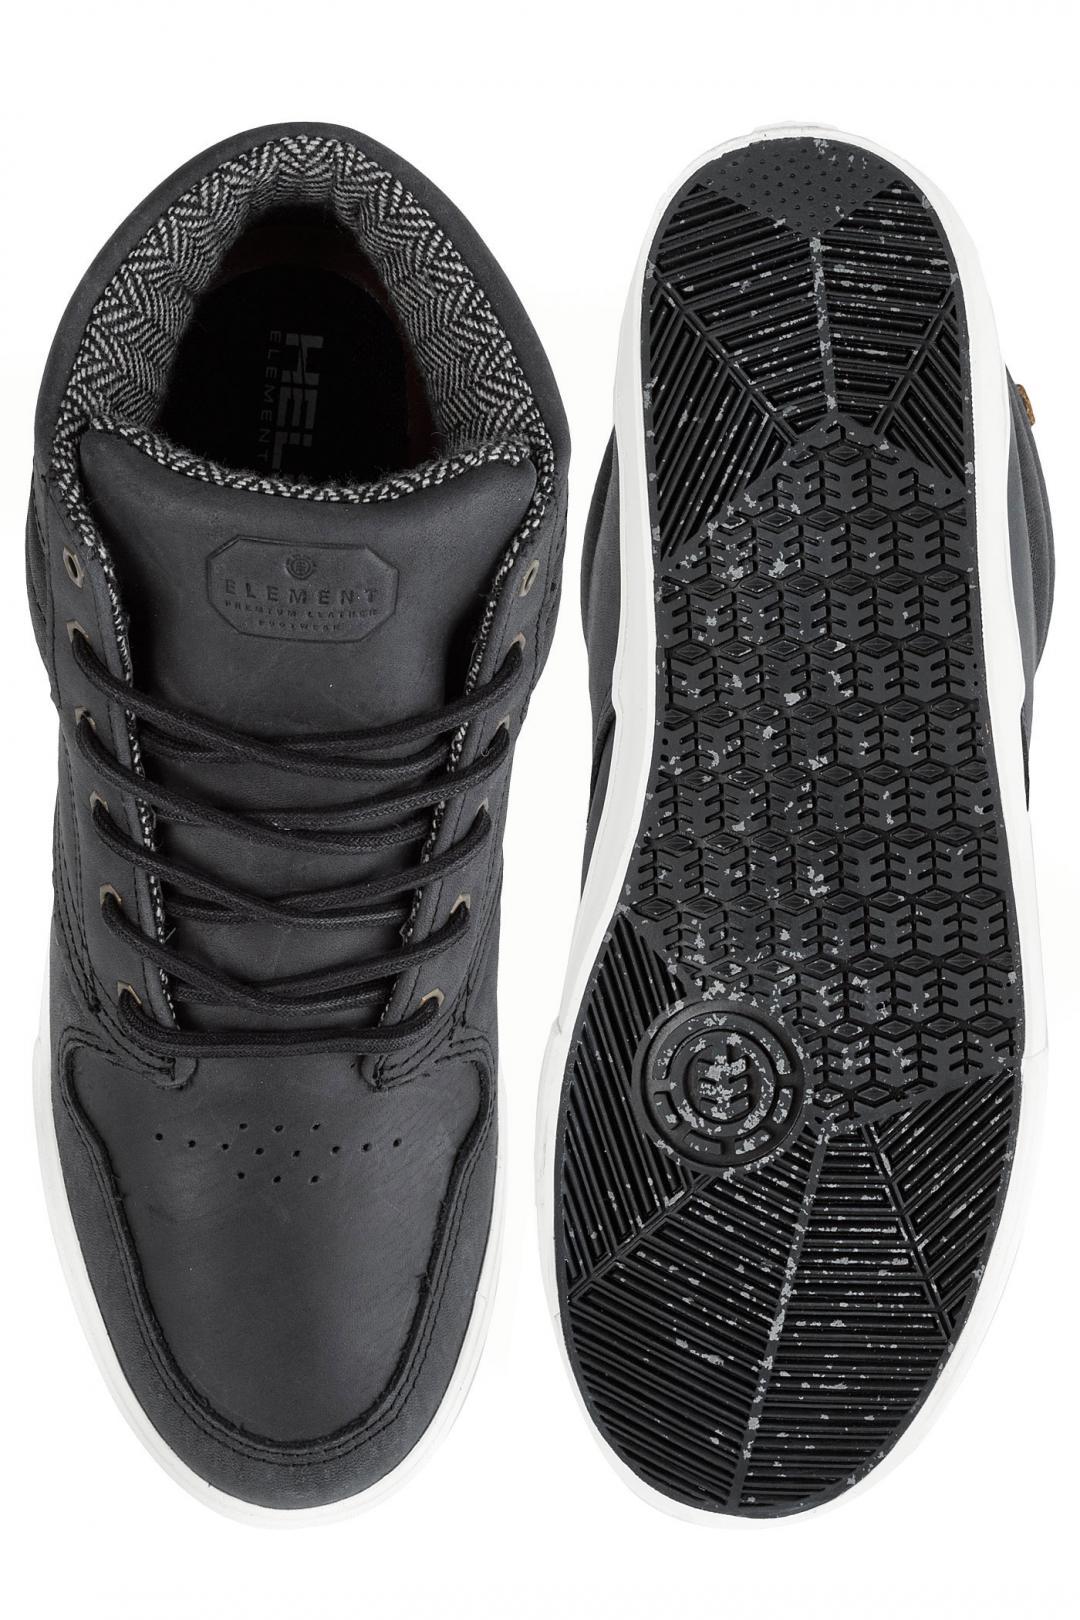 Uomo Element Topaz C3 Mid black premium | Scarpe da skate